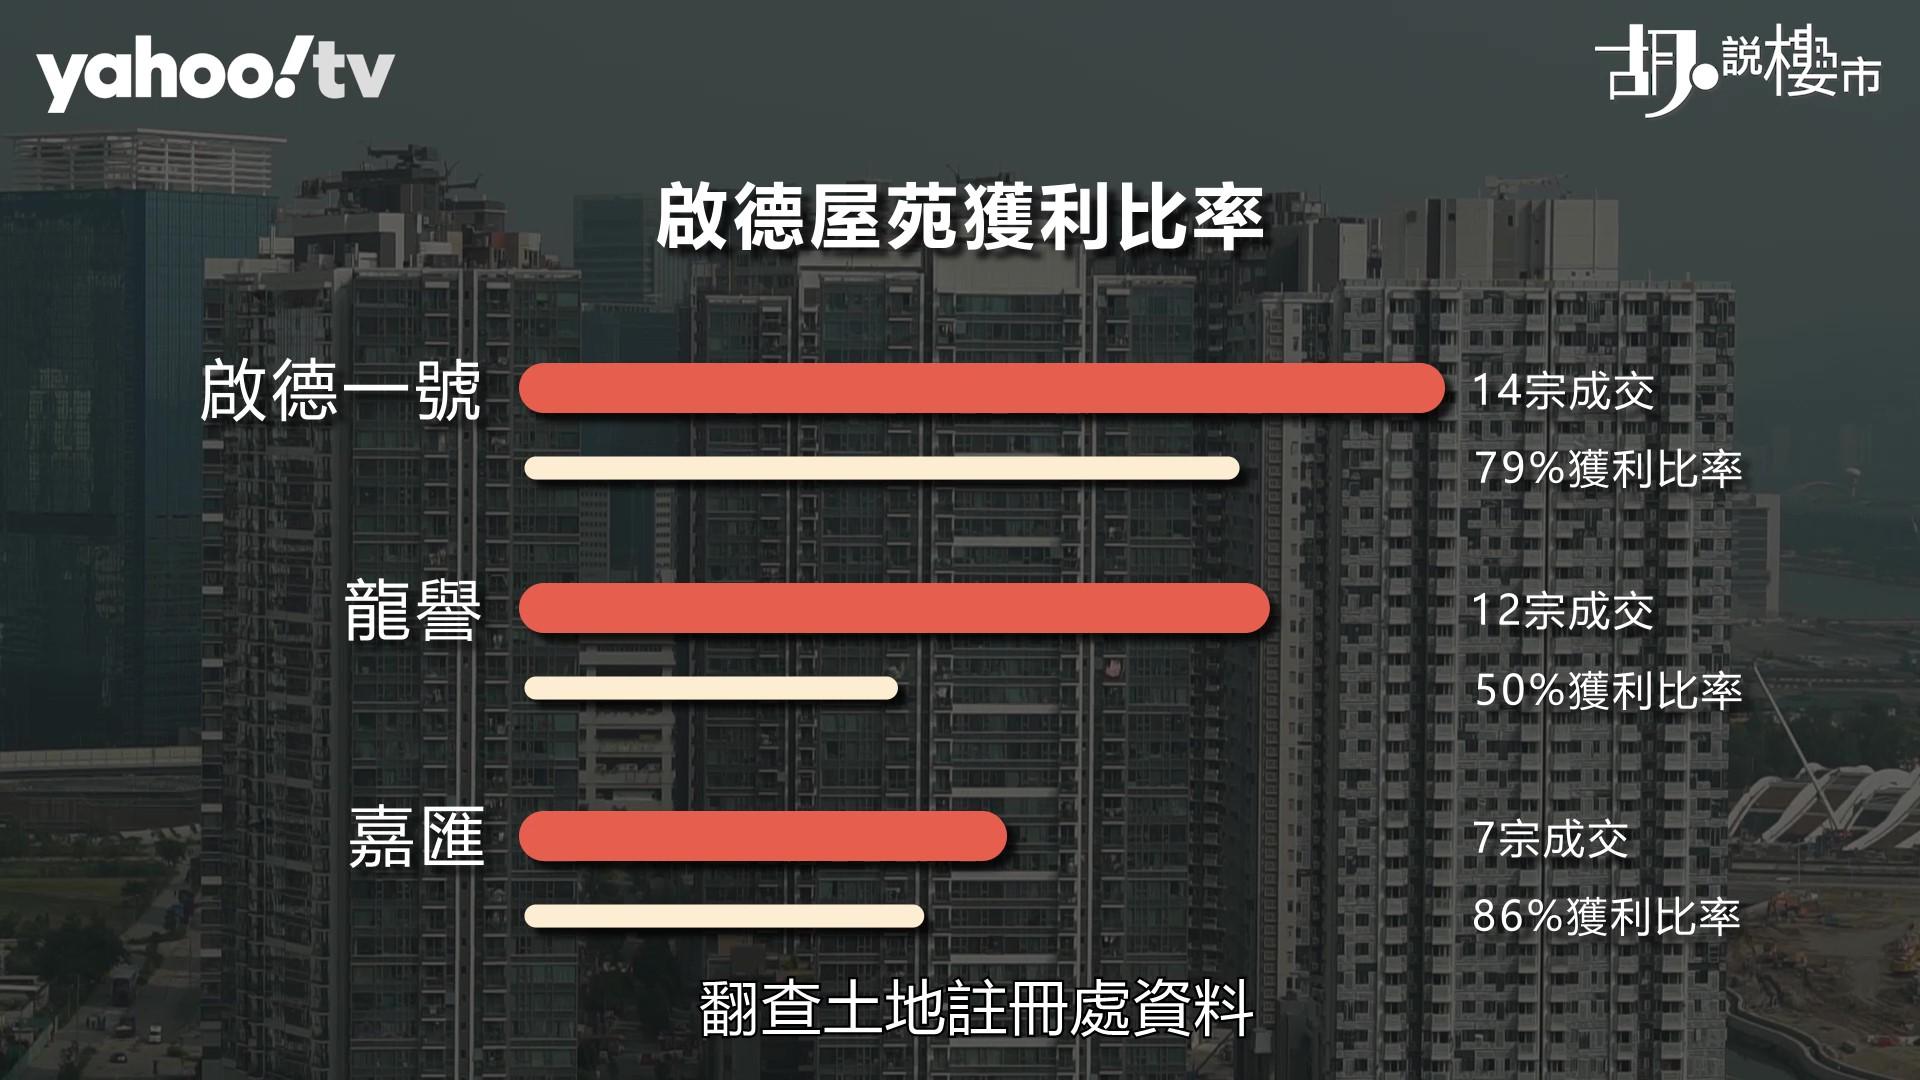 【胡.說樓市】屯馬線通車撞正武漢肺炎 鐵路效應還有用嗎?